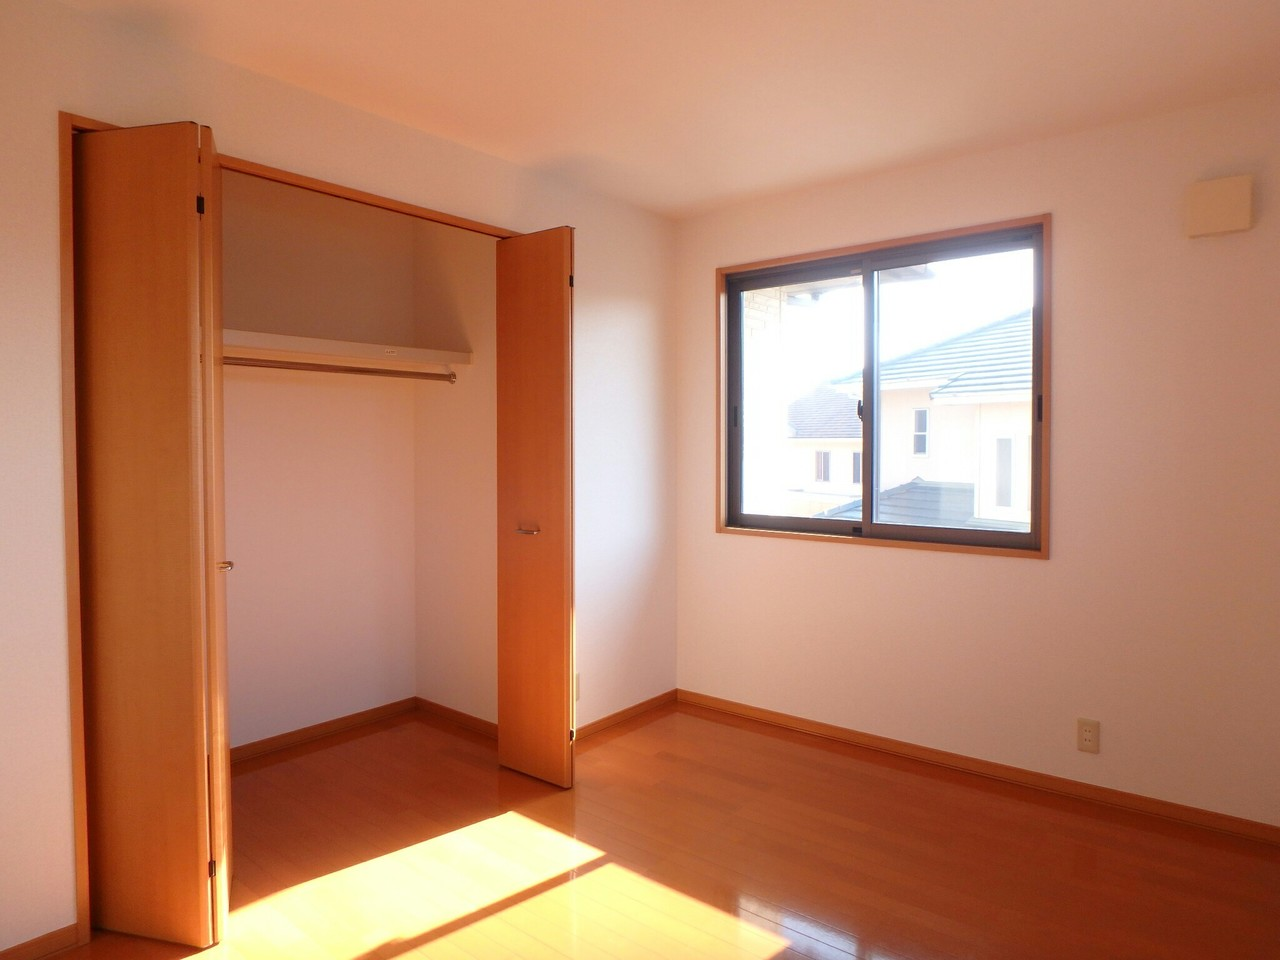 2階洋室は各部屋に収納がついています。窓の配置もとっても大きいので日当りも良好ですよ。(2018年1月23日撮影)